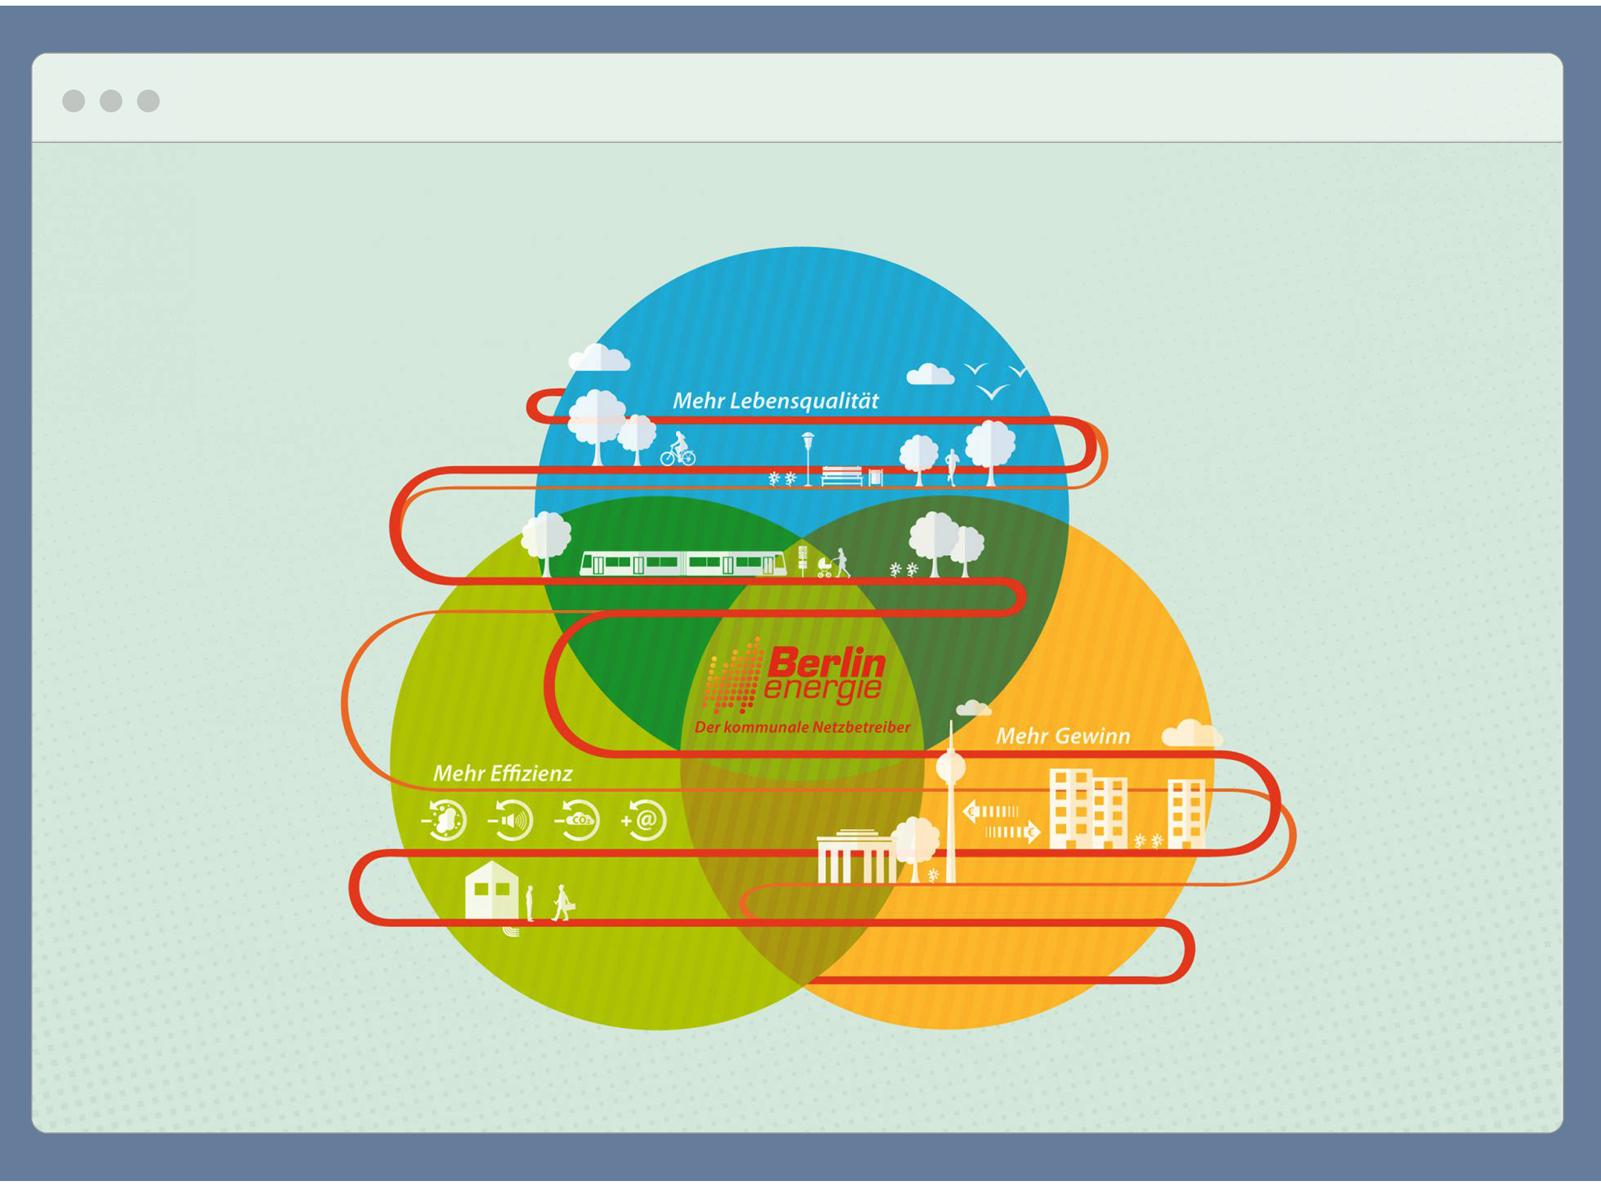 Infografiken für die Berlin Energie des Landes Berlin